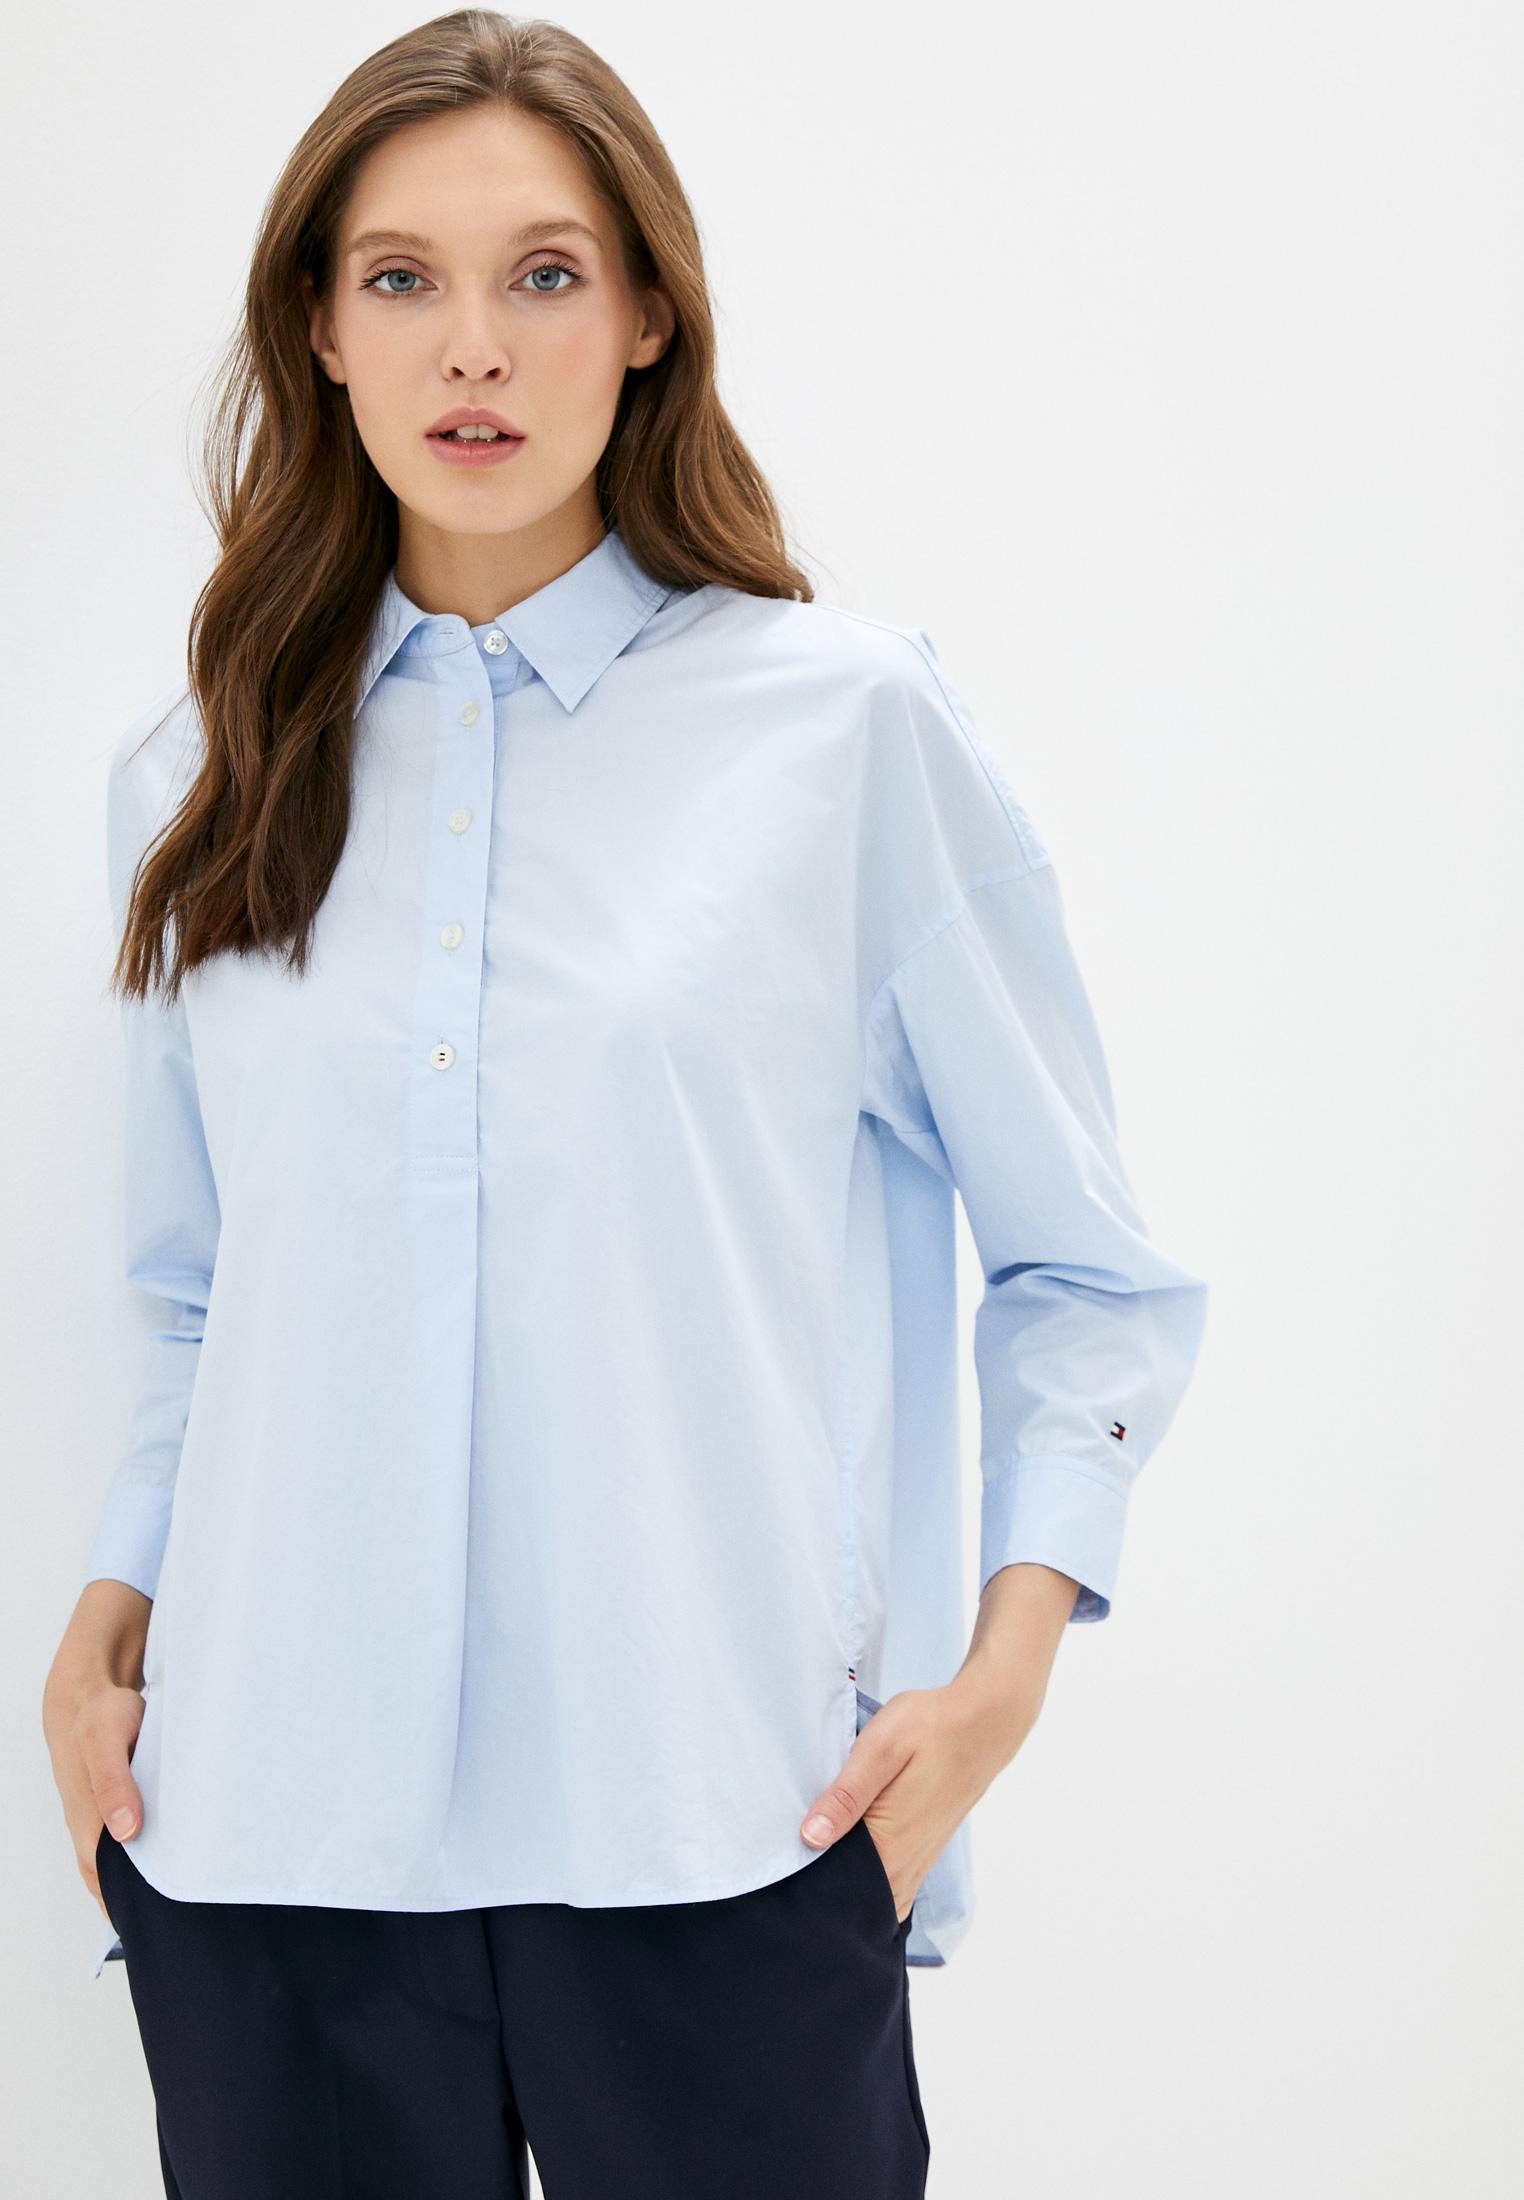 Женские рубашки с длинным рукавом Tommy Hilfiger (Томми Хилфигер) WW0WW28368